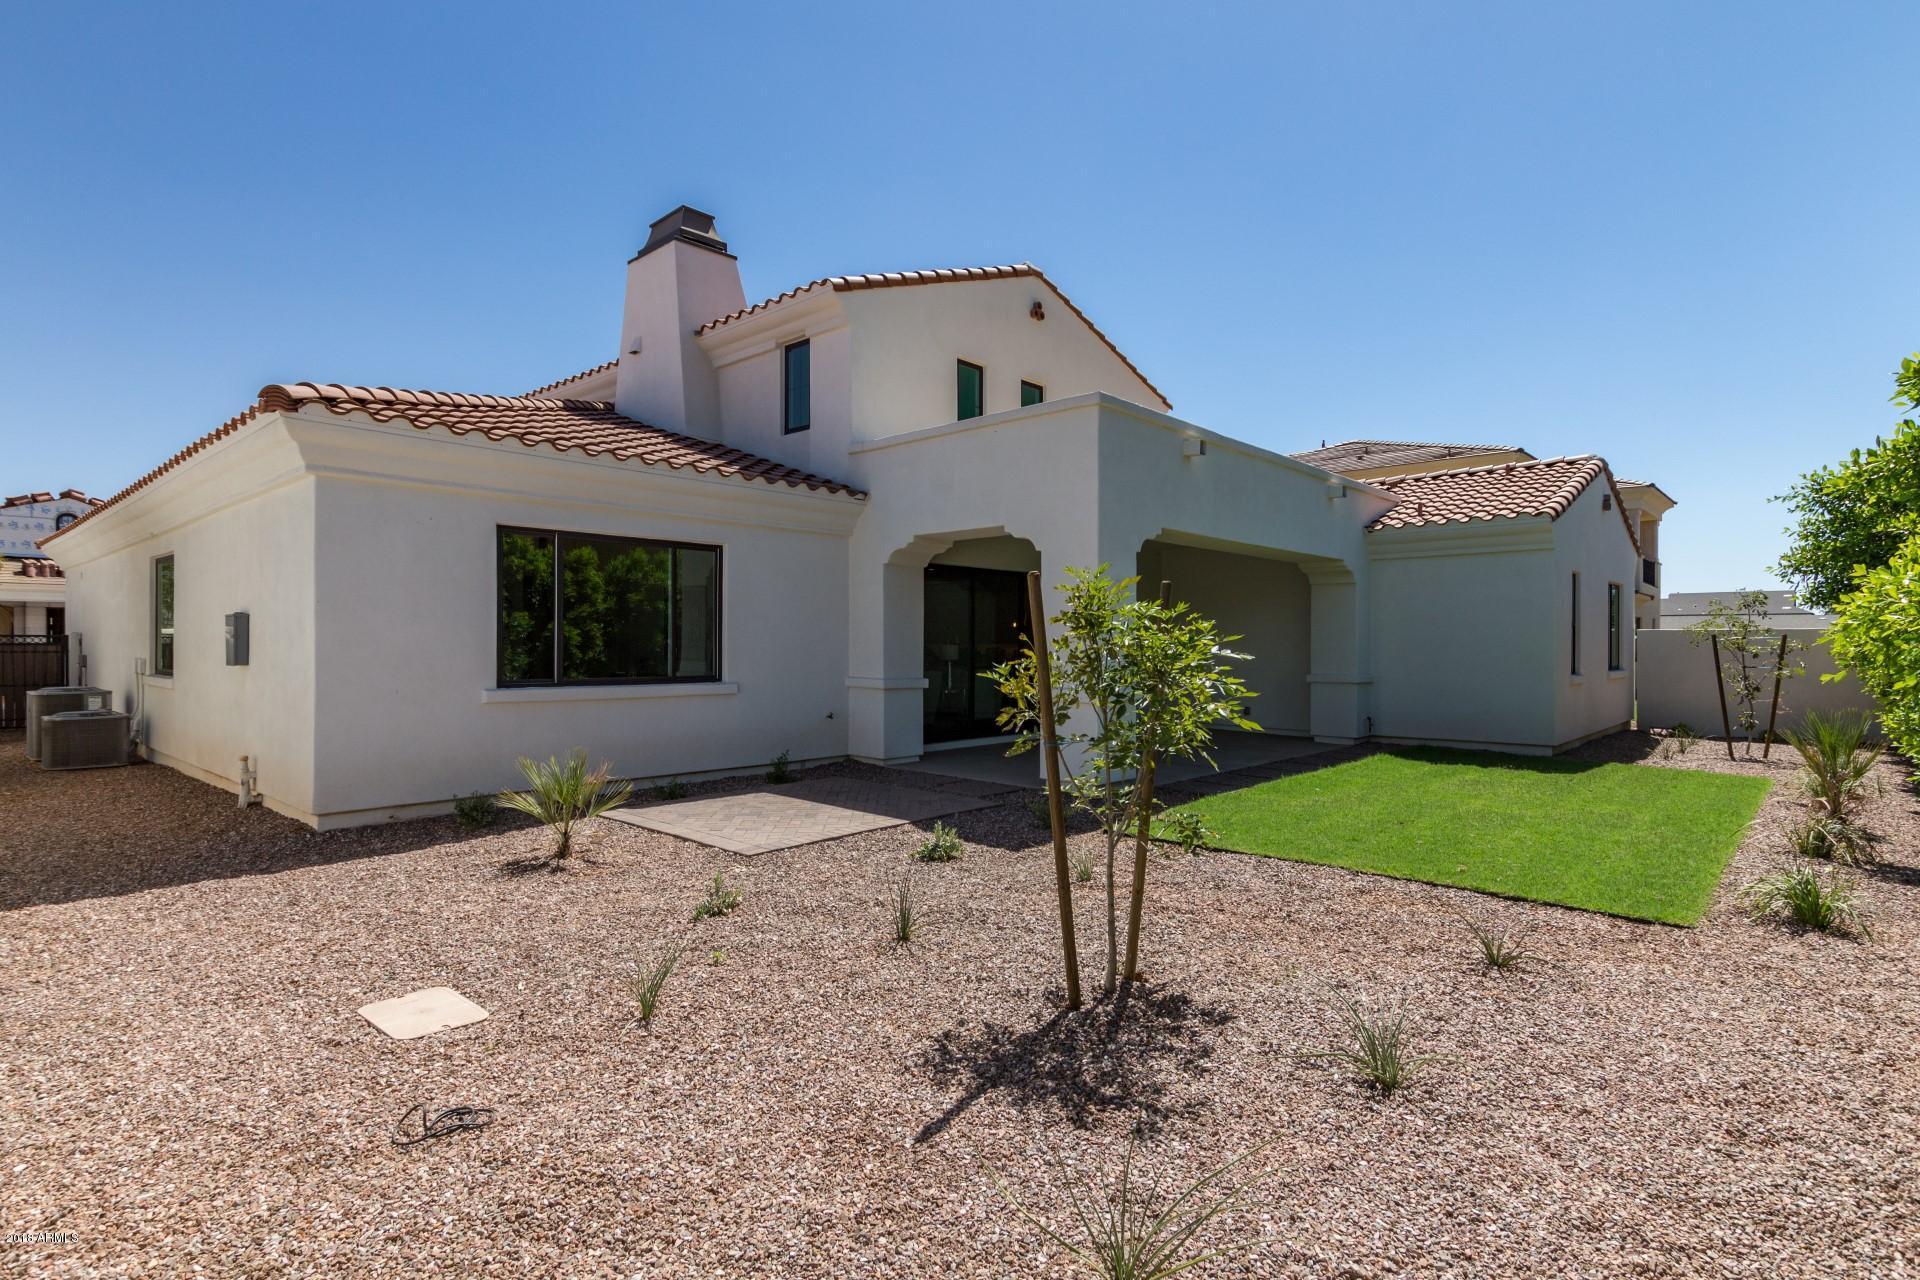 MLS 5768044 3934 E CRITTENDEN Lane, Phoenix, AZ 85018 Phoenix AZ Three Bedroom